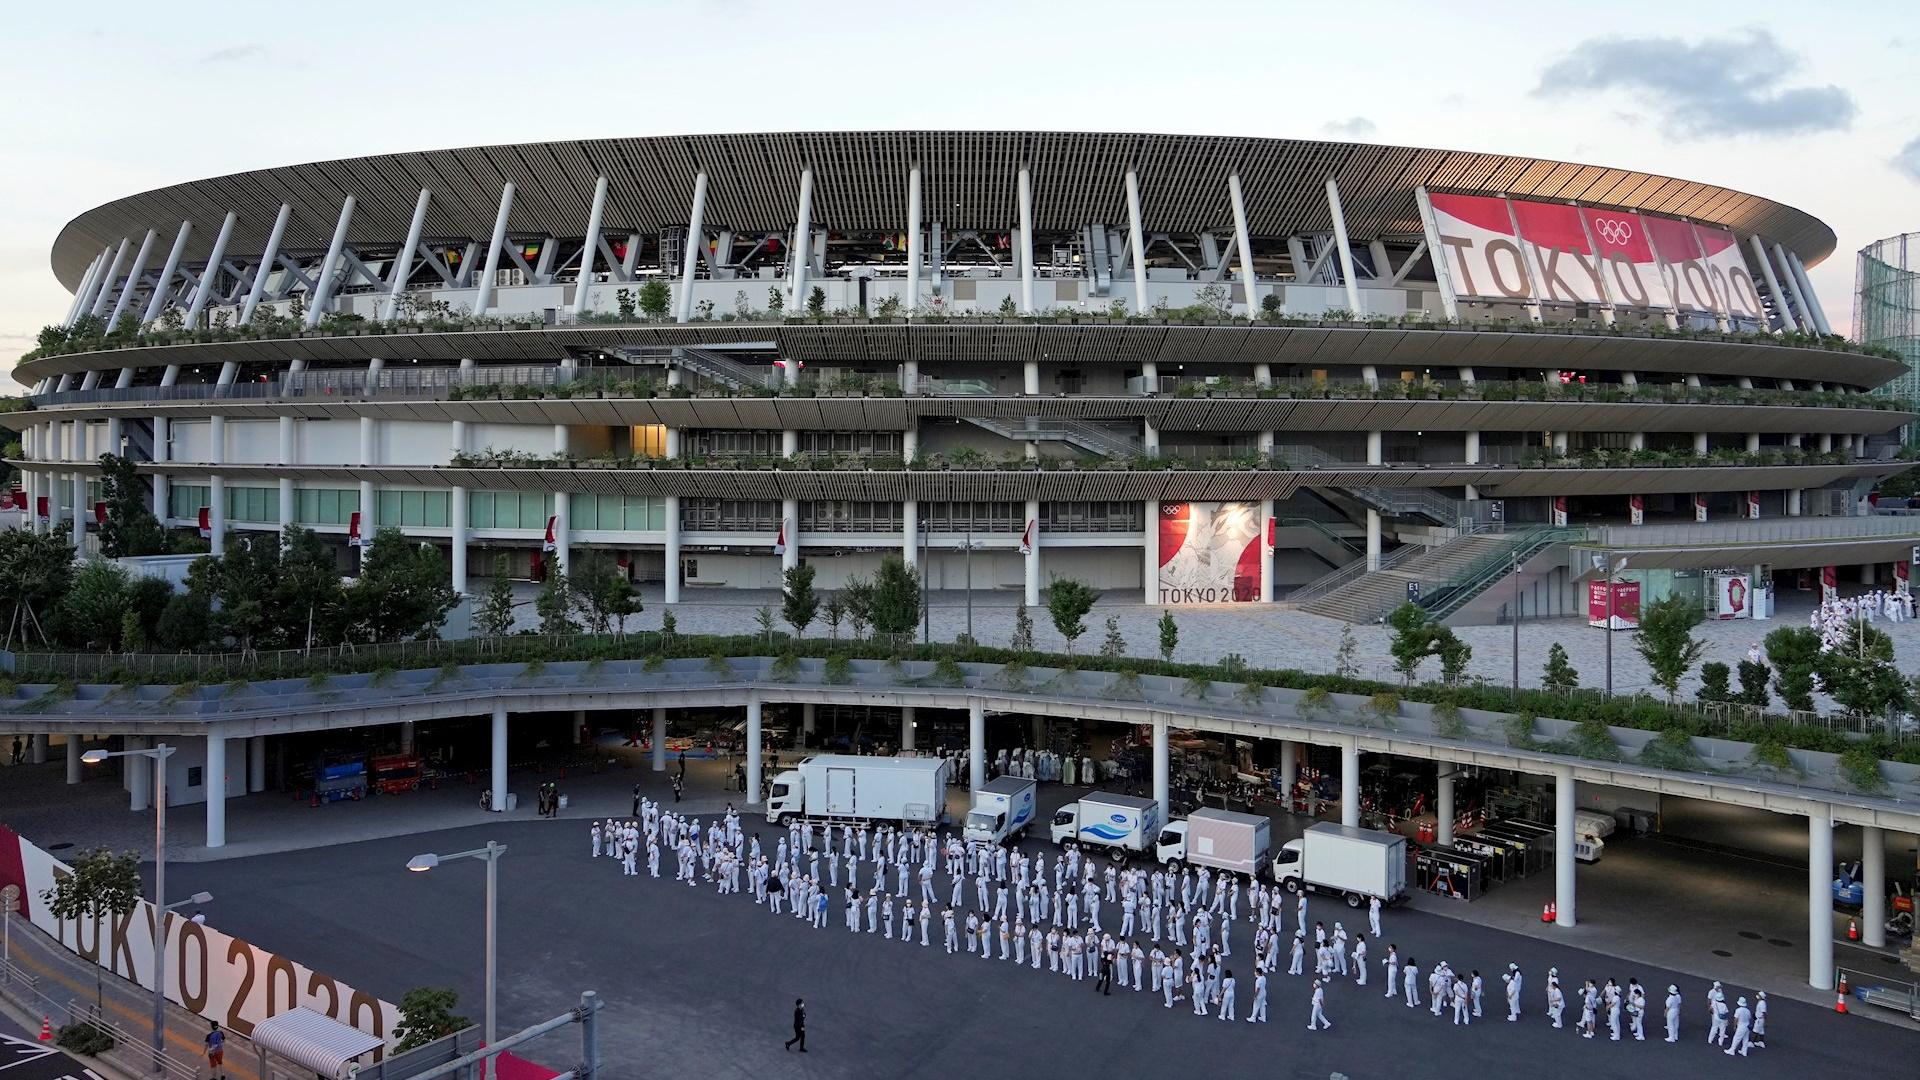 Selección Mexicana Tokio 2020 estadio olimpiadas Juegos Olímpicos